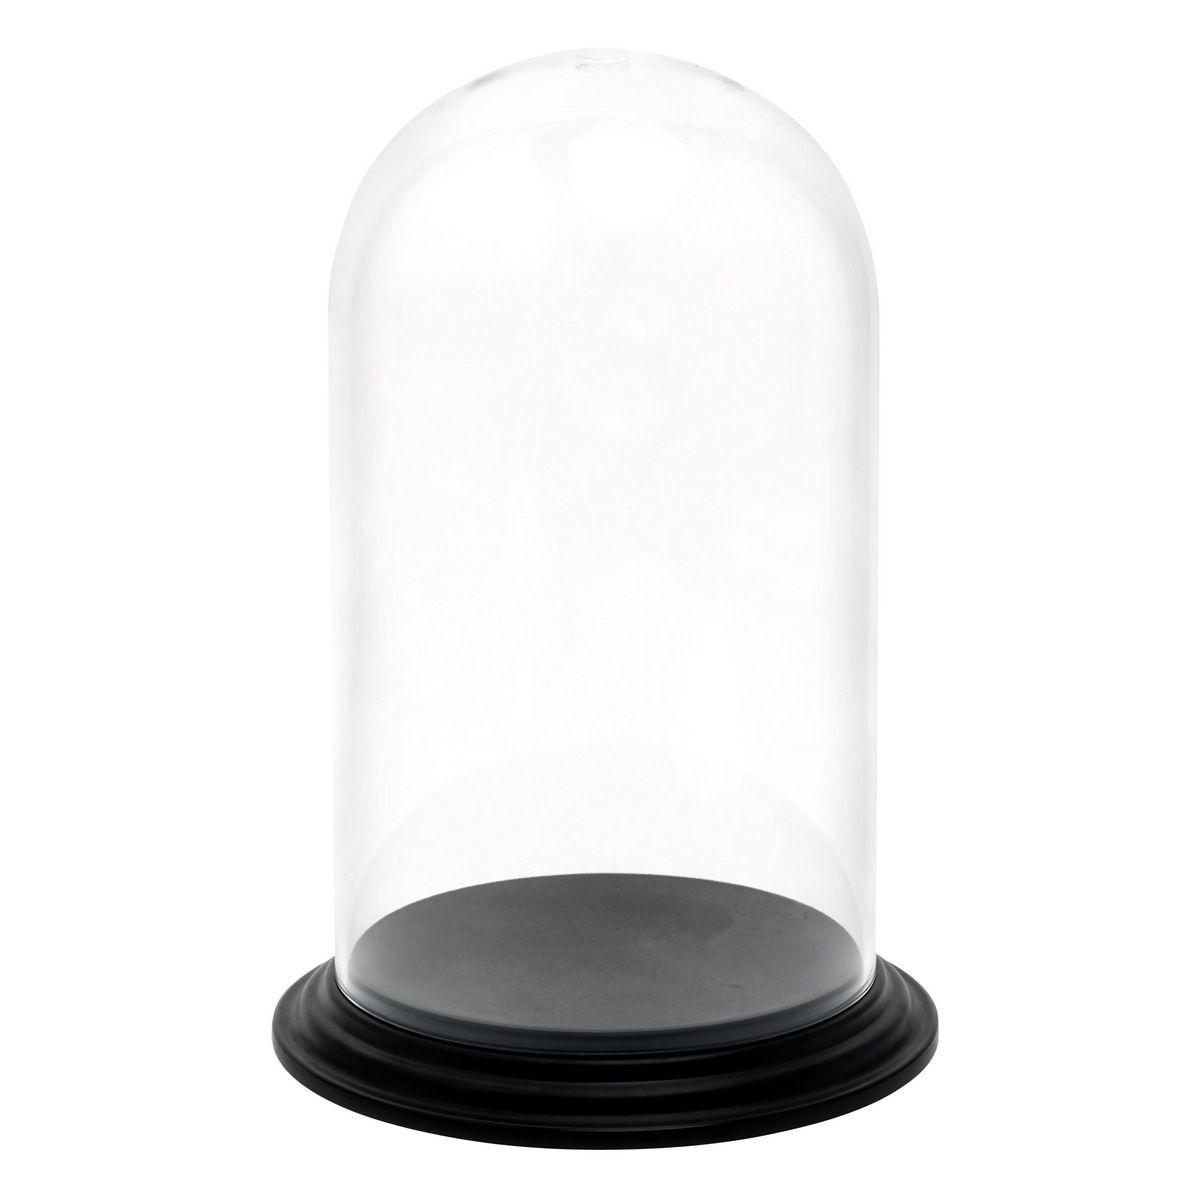 花器、リース 花器・花瓶 プラスチック・アクリル花器 手作り 材料 クレイ/PC dome CLEAR/937-008-000【01】【取寄】